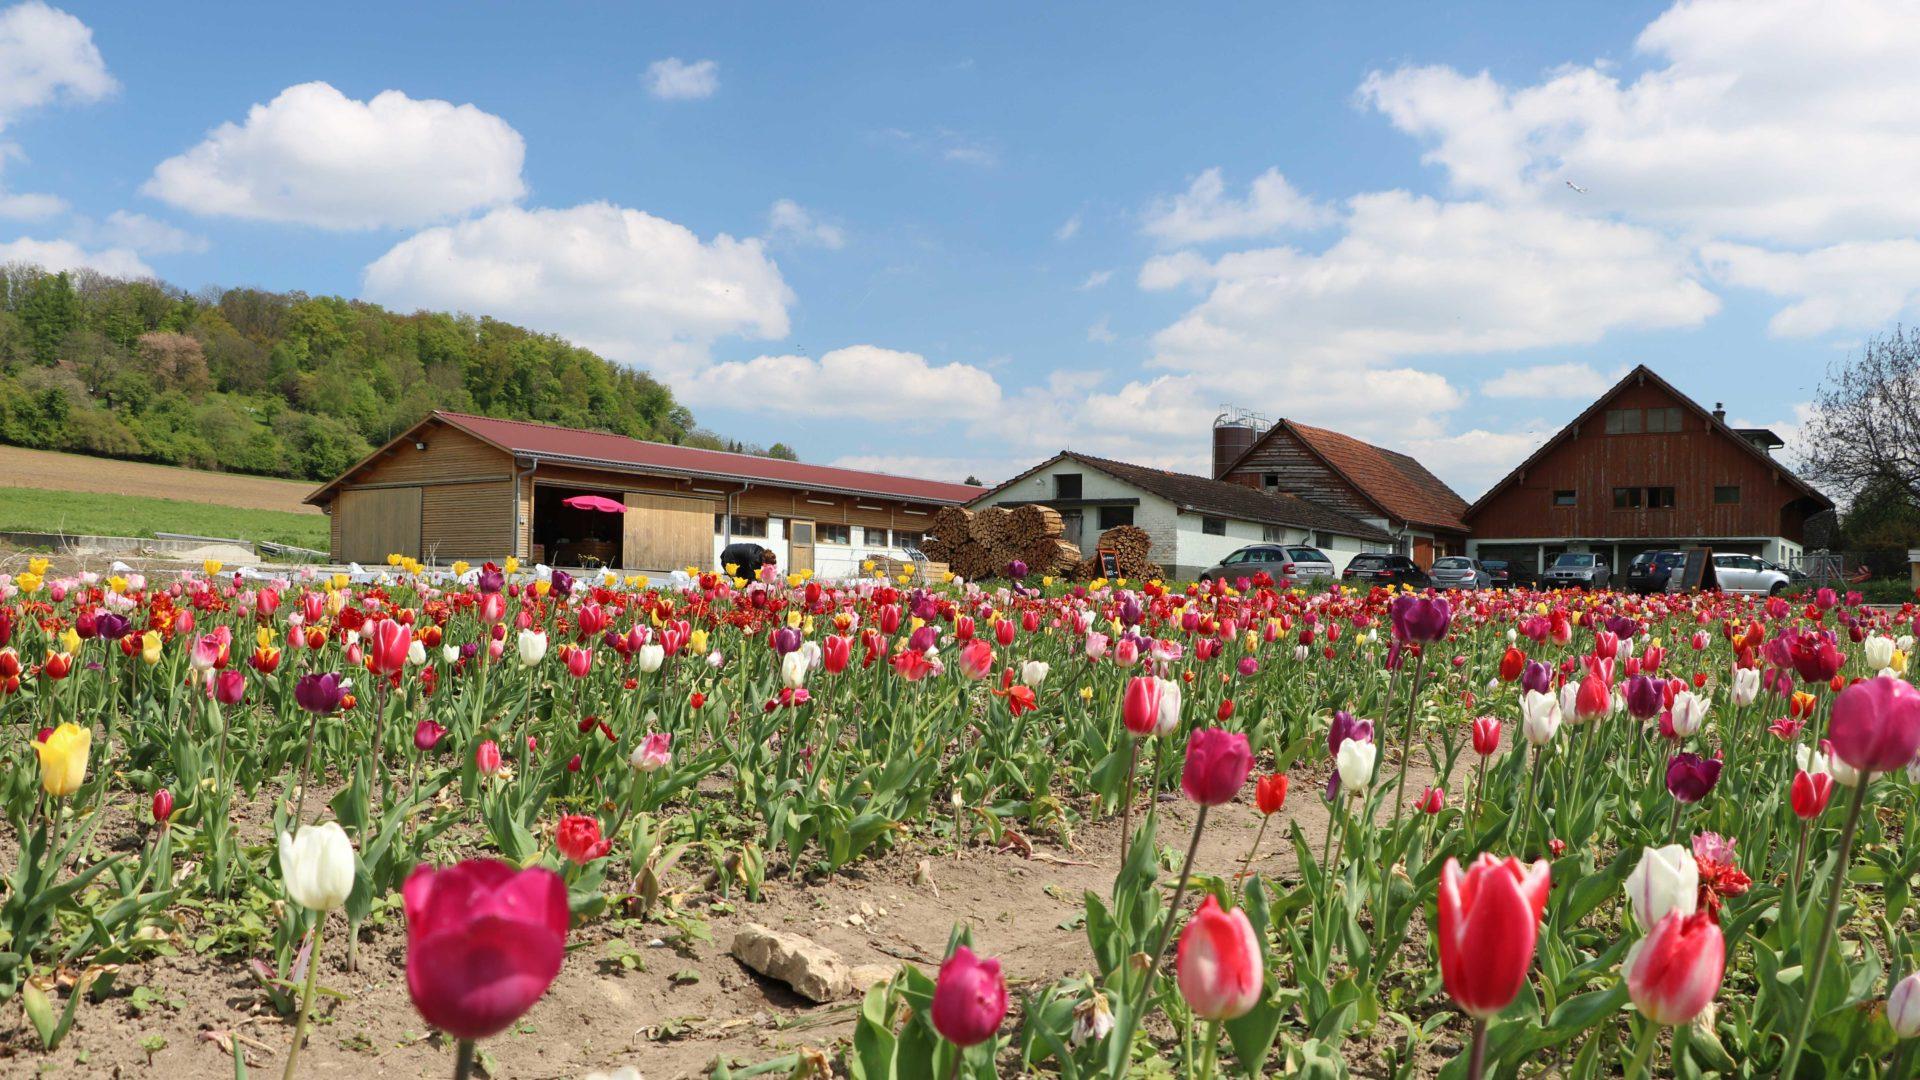 Roemerhof Mit Blumenfeld